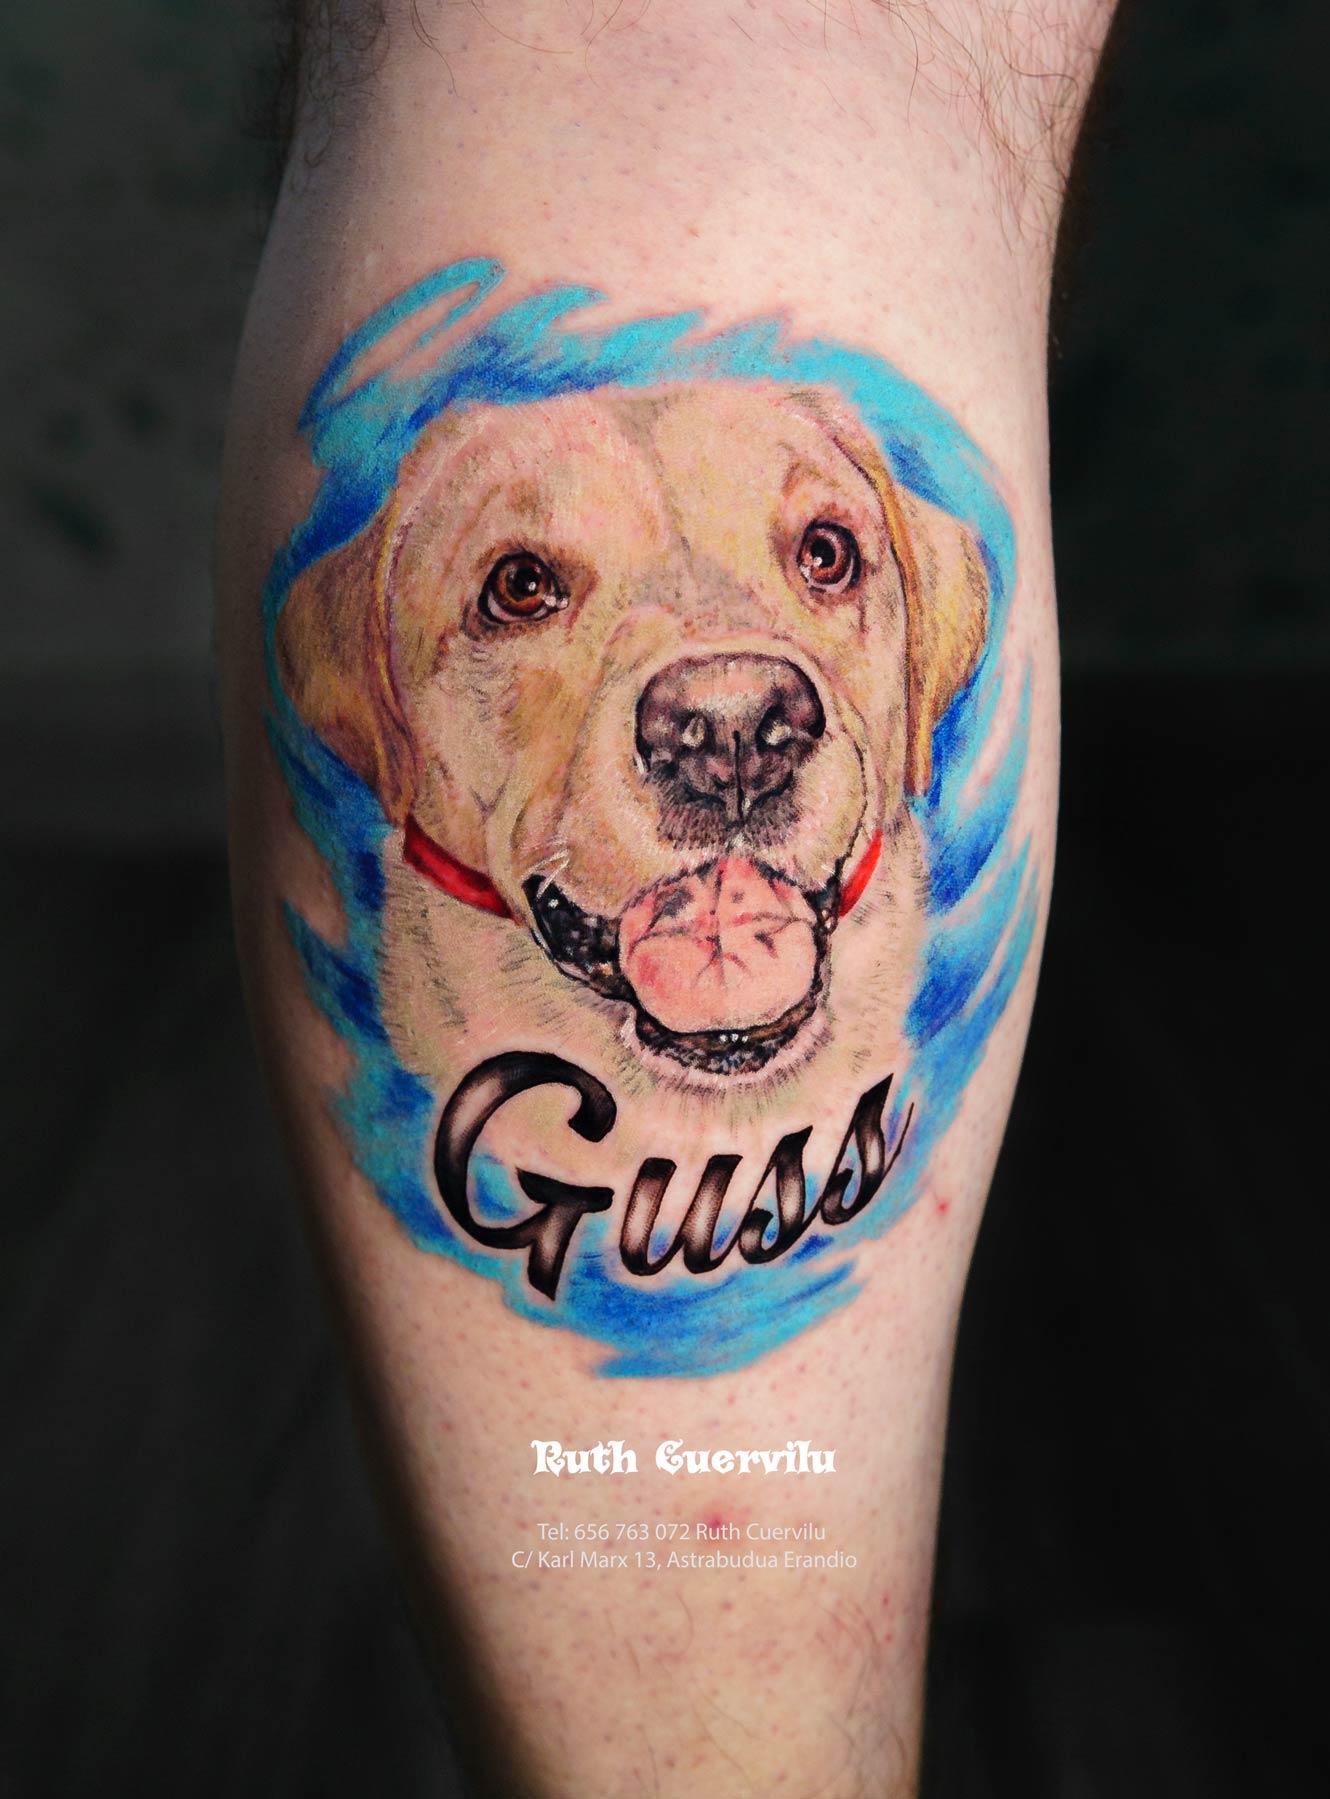 Tatuaje Retrato Guss Mascota Perro - Ruth Cuervilu Tattoo - KM13 Studio - Estudio de tatuajes en Astrabudua Erandio Getxo, Leioa Bilbao Bizkaia Basauri barakaldo portugalete Loiu Artaza